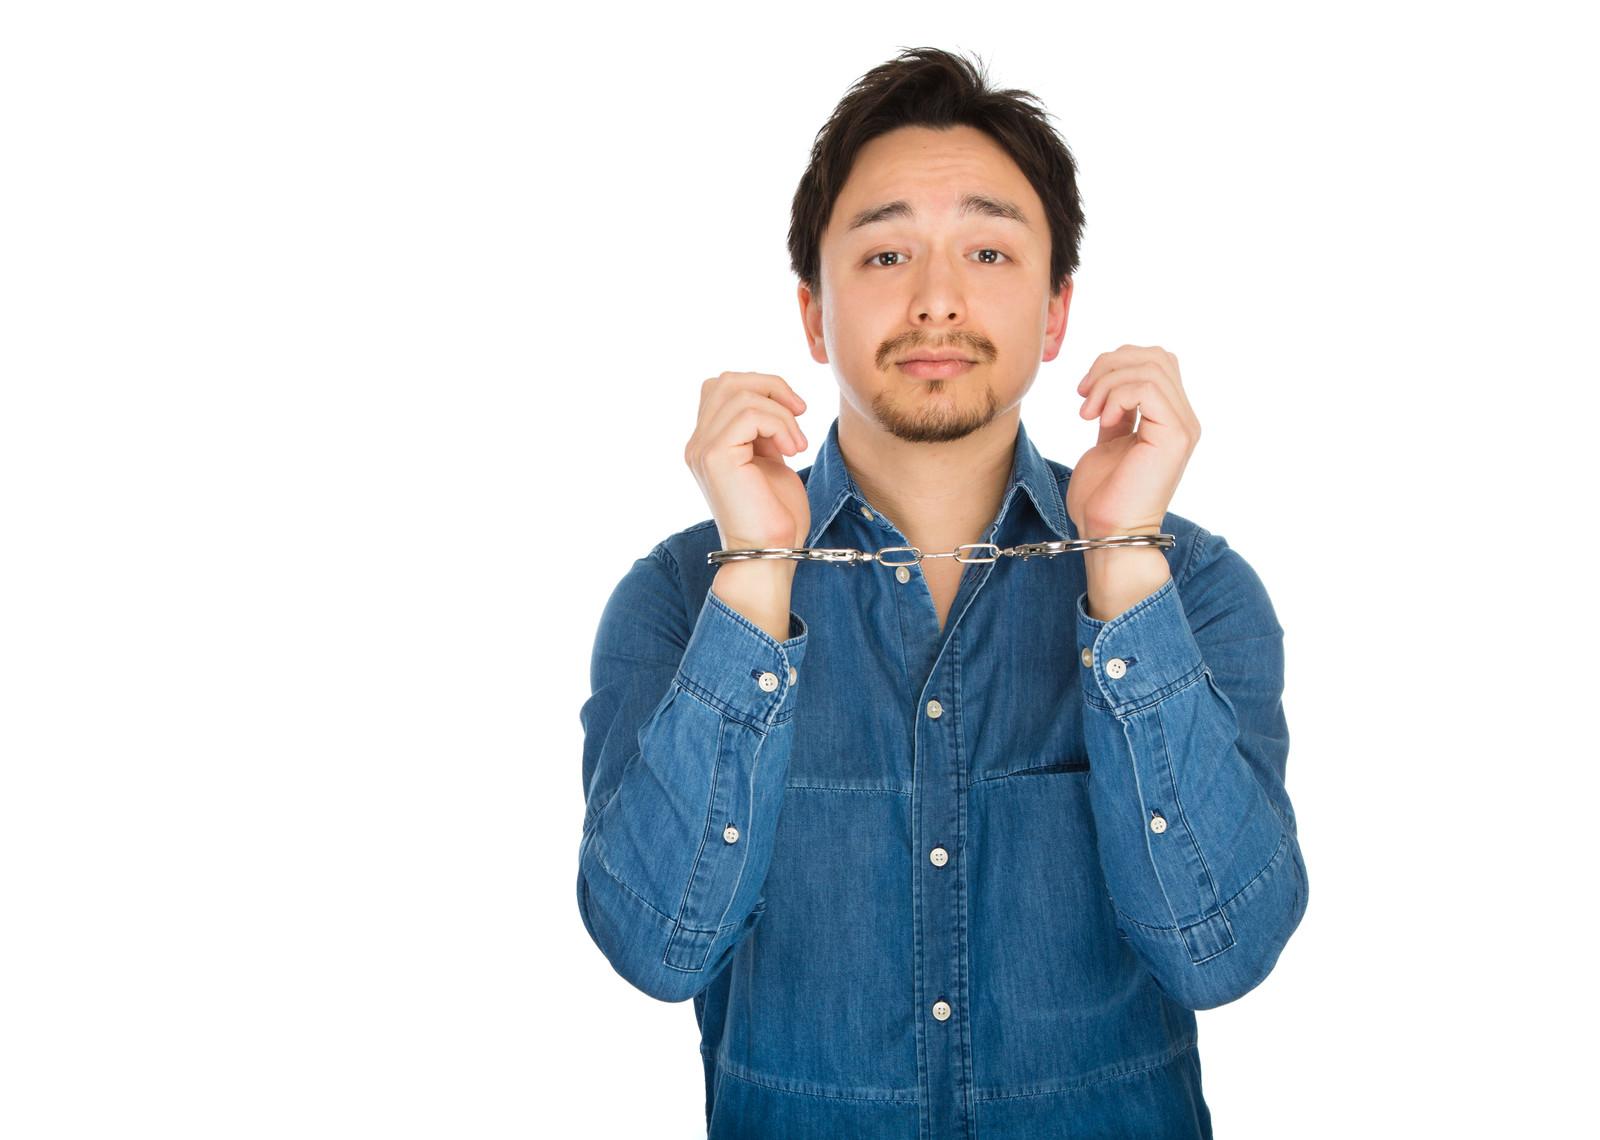 履歴書や職務経歴書の詐称は罰せられる?知らないと損する転職の常識!